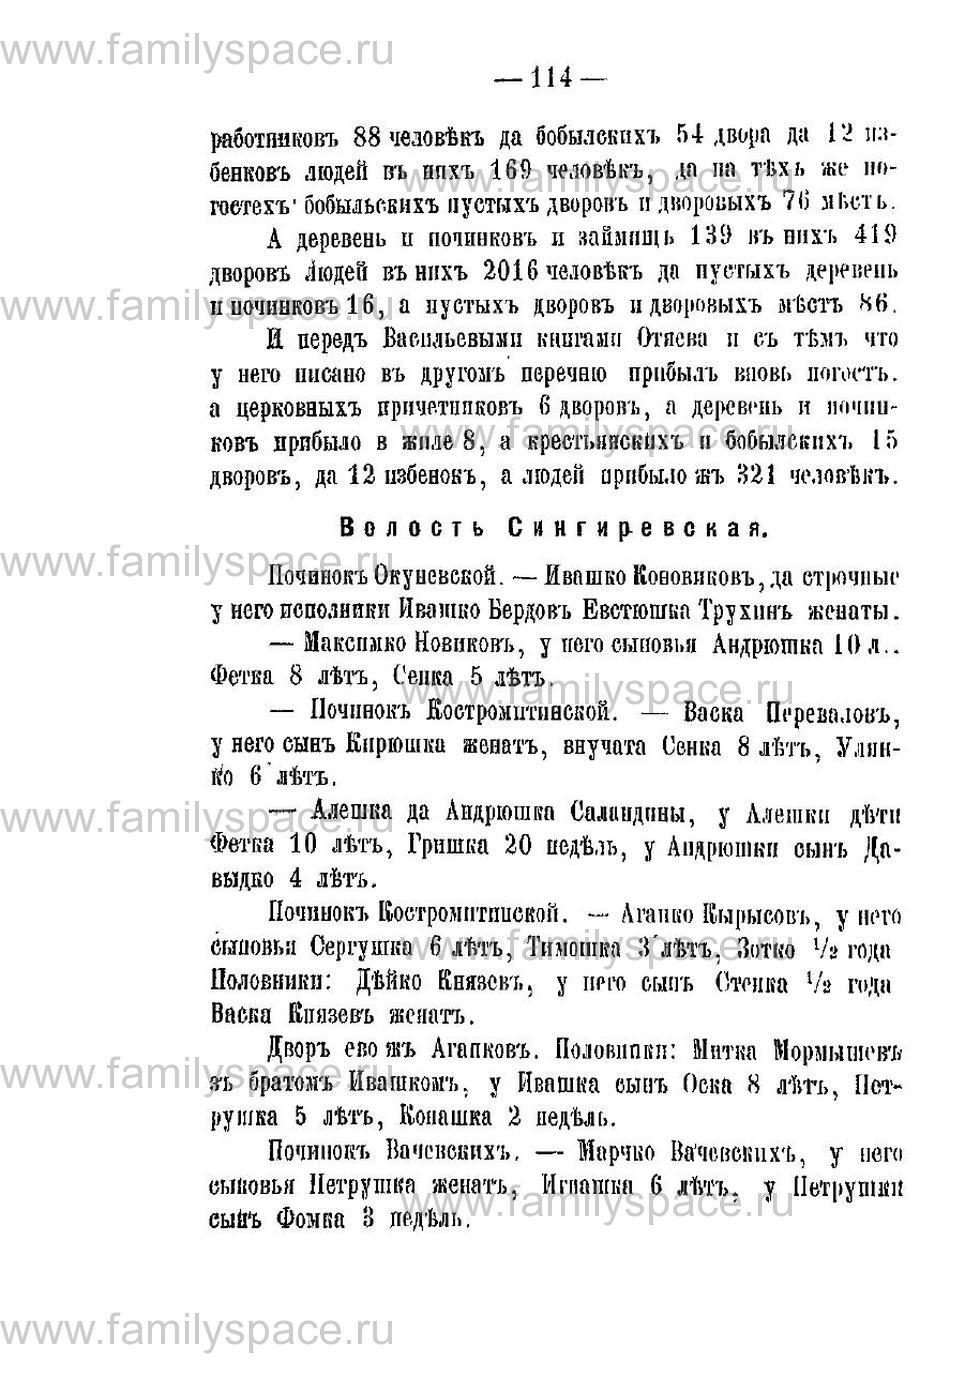 Поиск по фамилии - Переписная книга Орлова и волостей 1678 г, страница 110